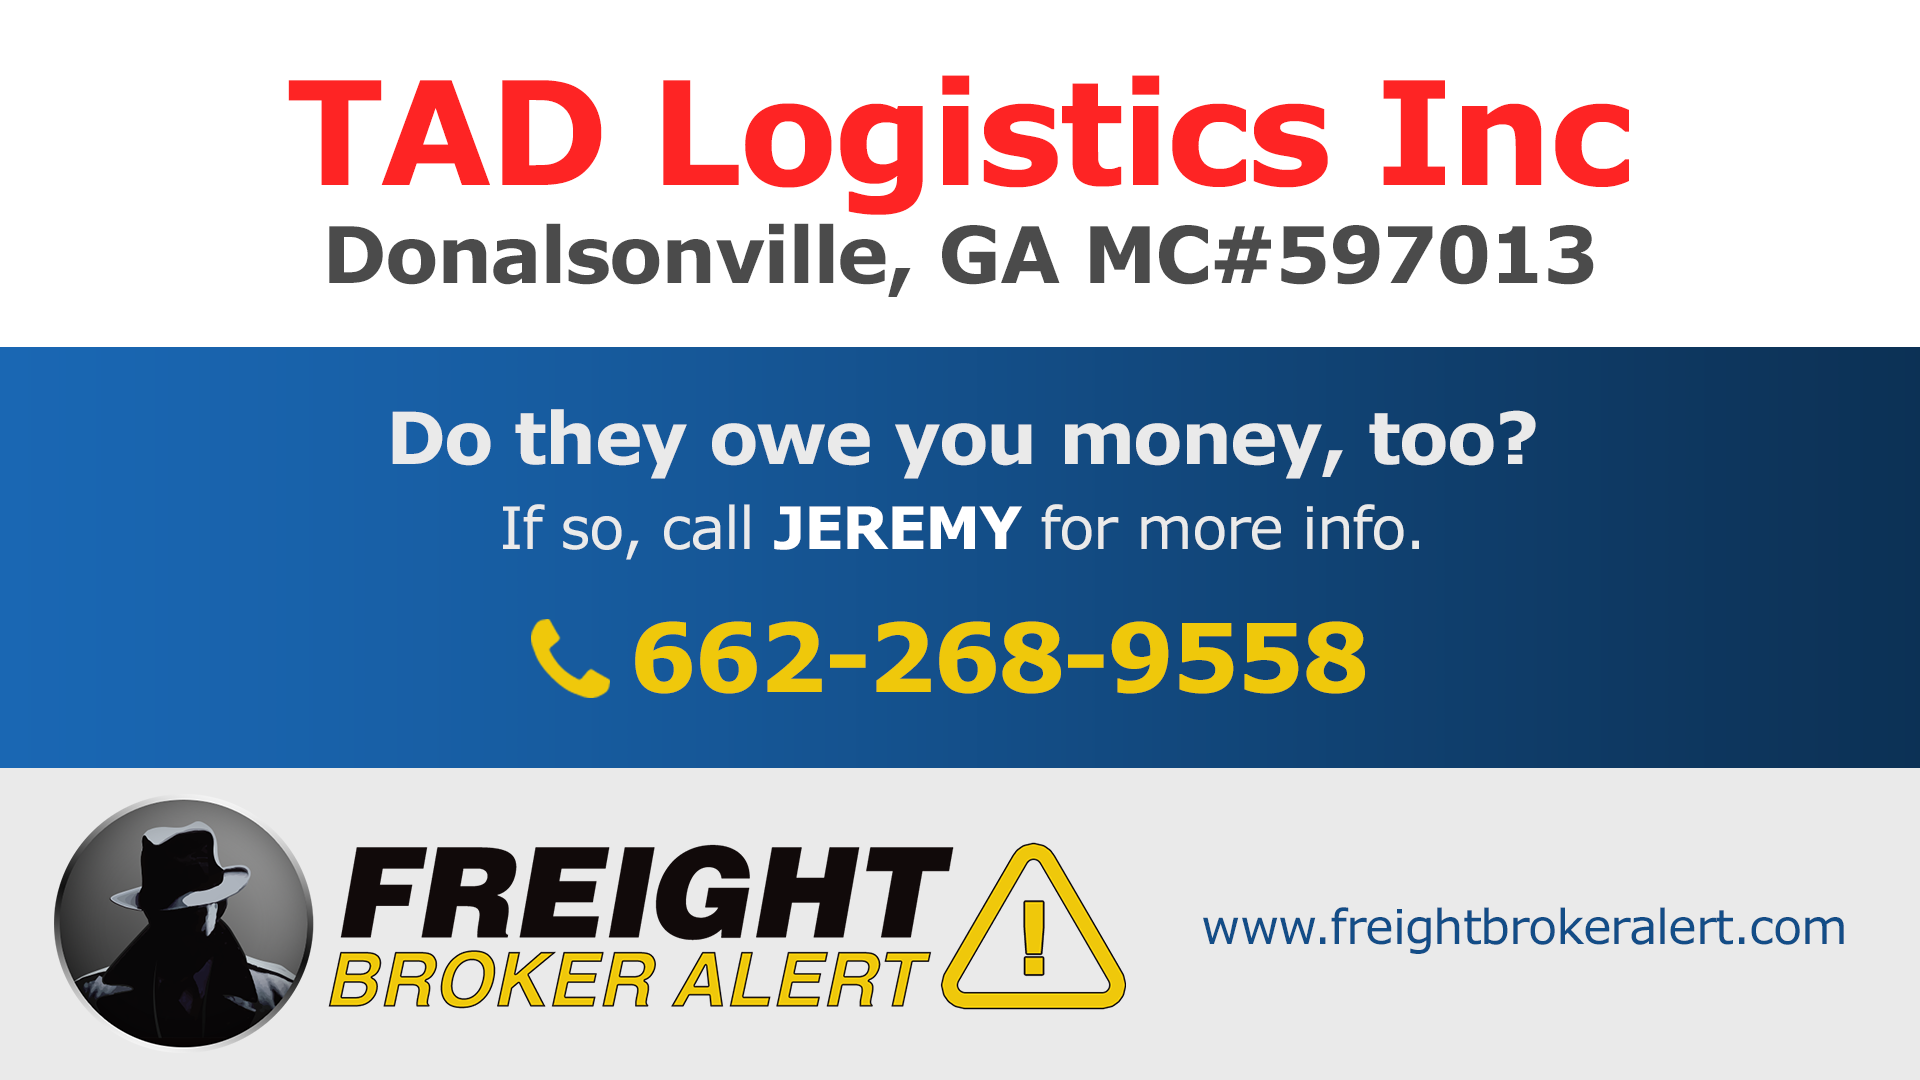 TAD Logistics Inc Georgia